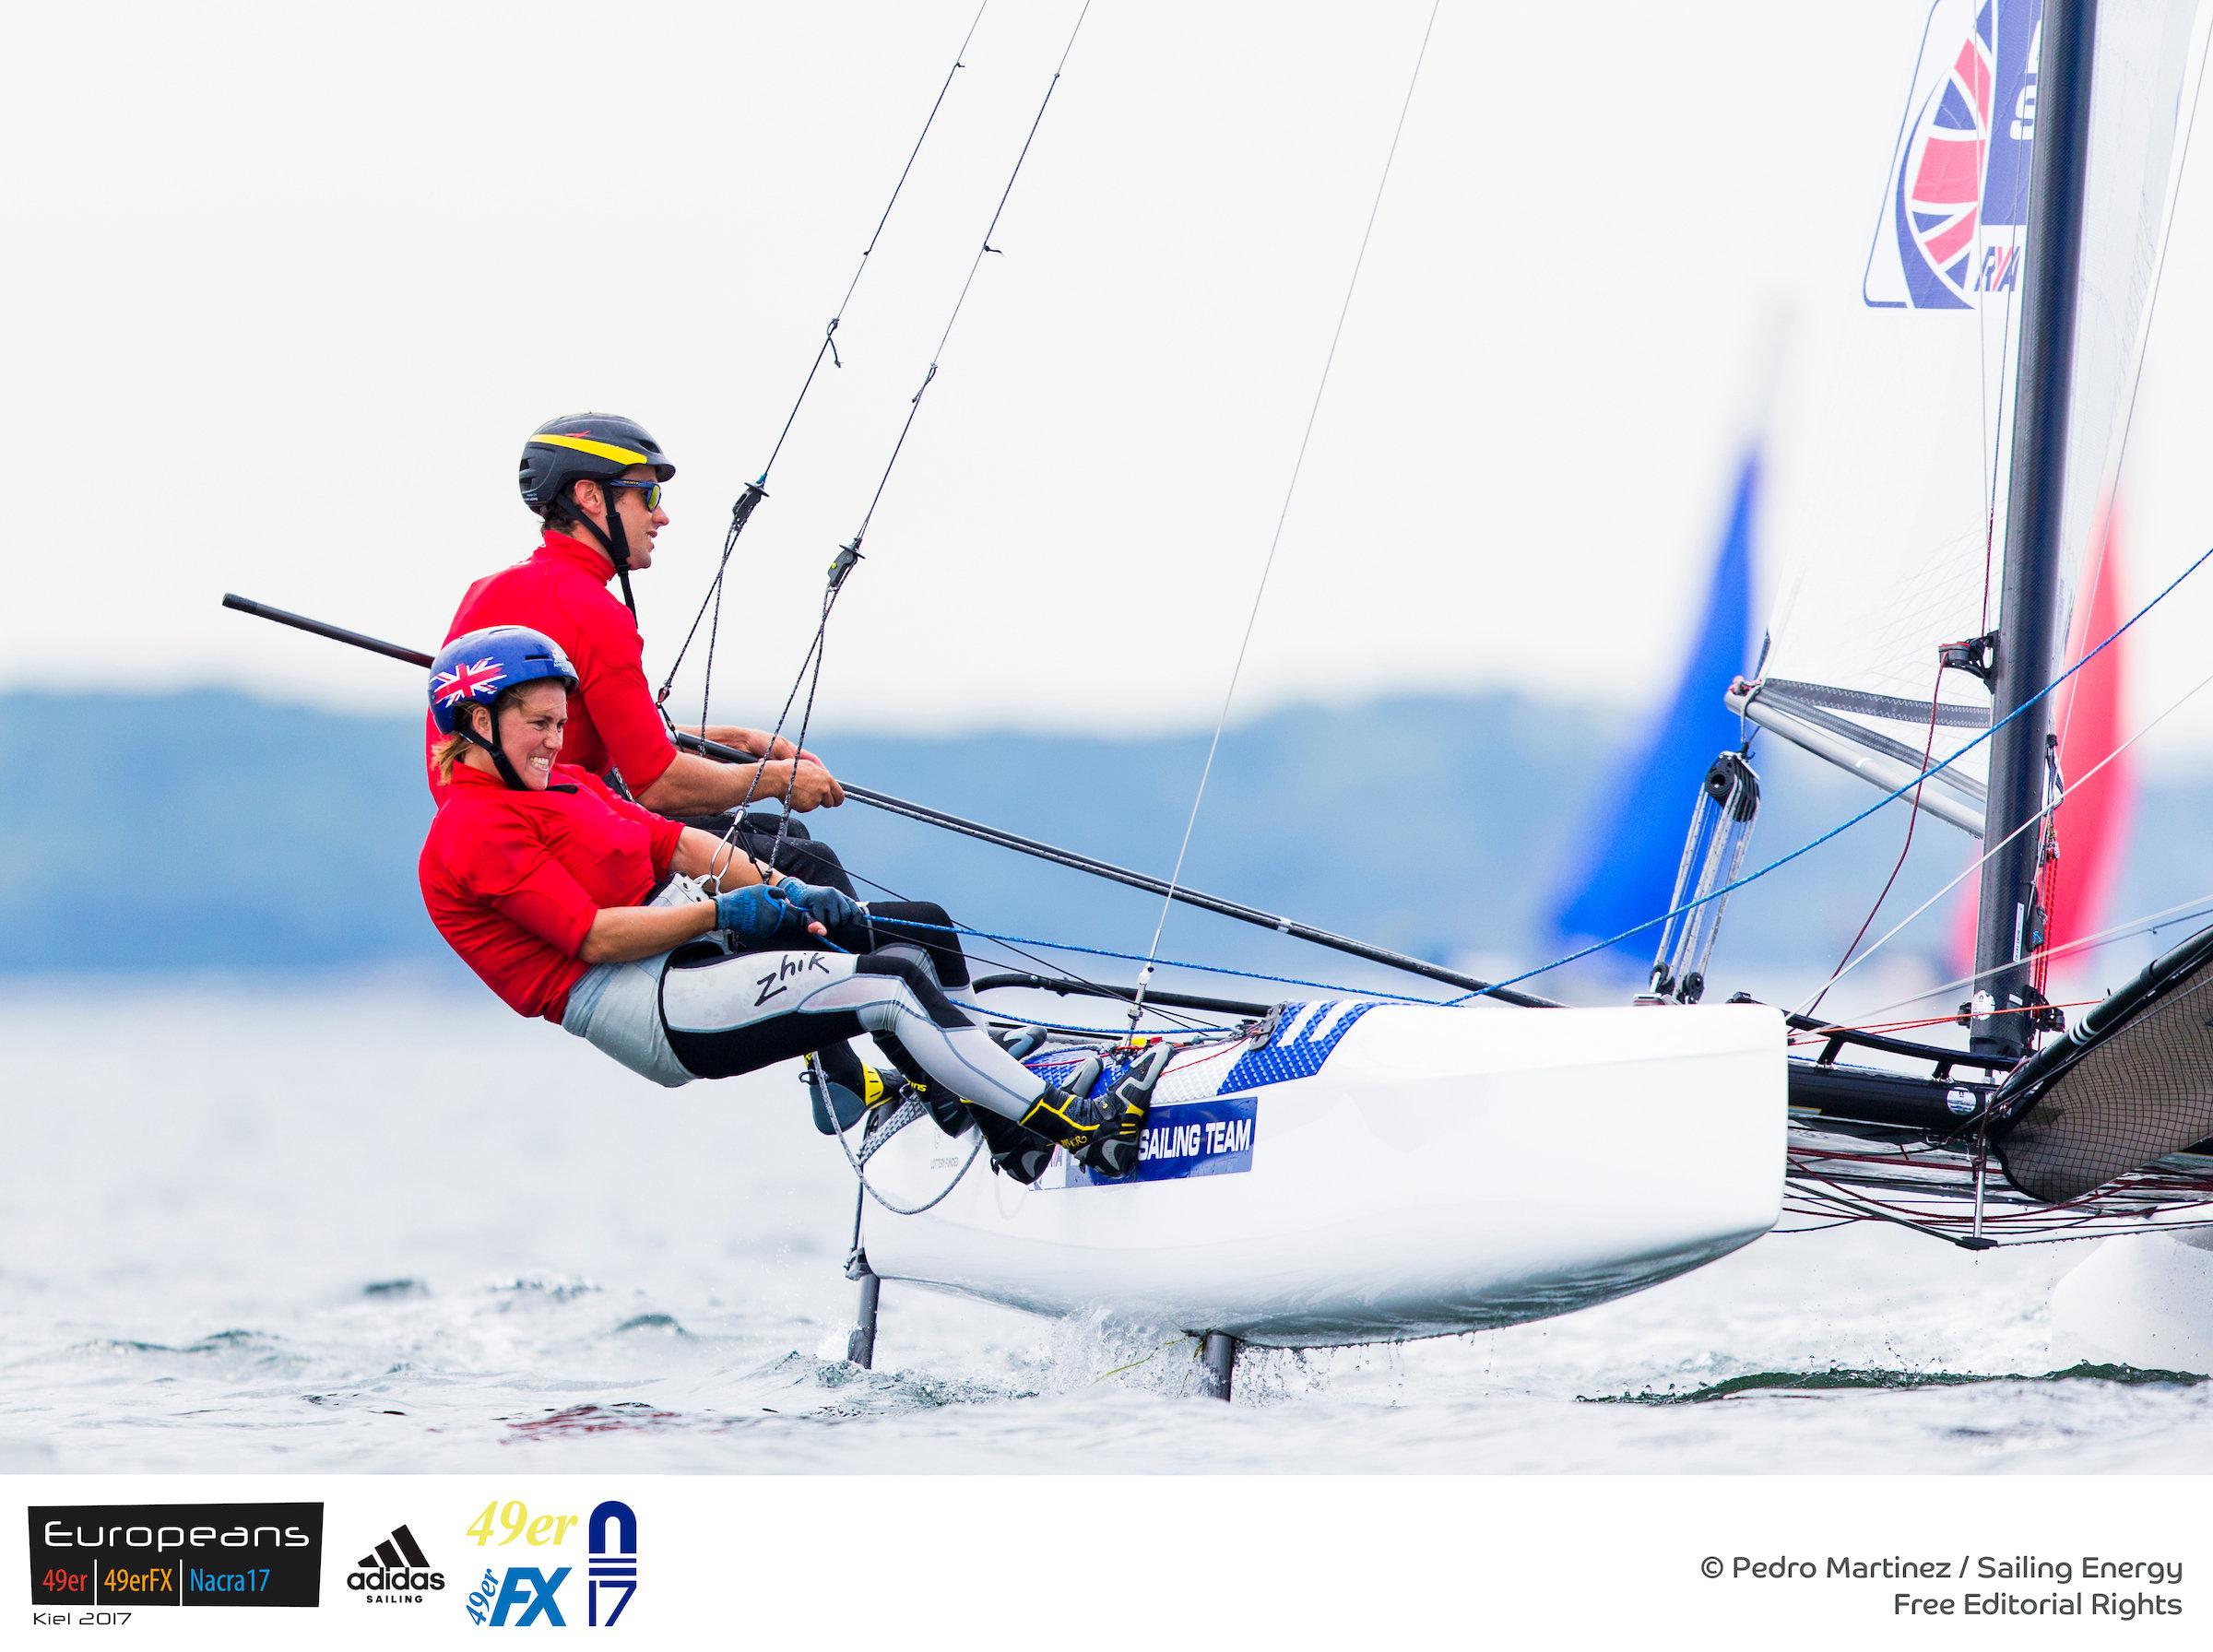 Nacra Europeans 2017. Photo Pedro Martinez/Sailing Energy.